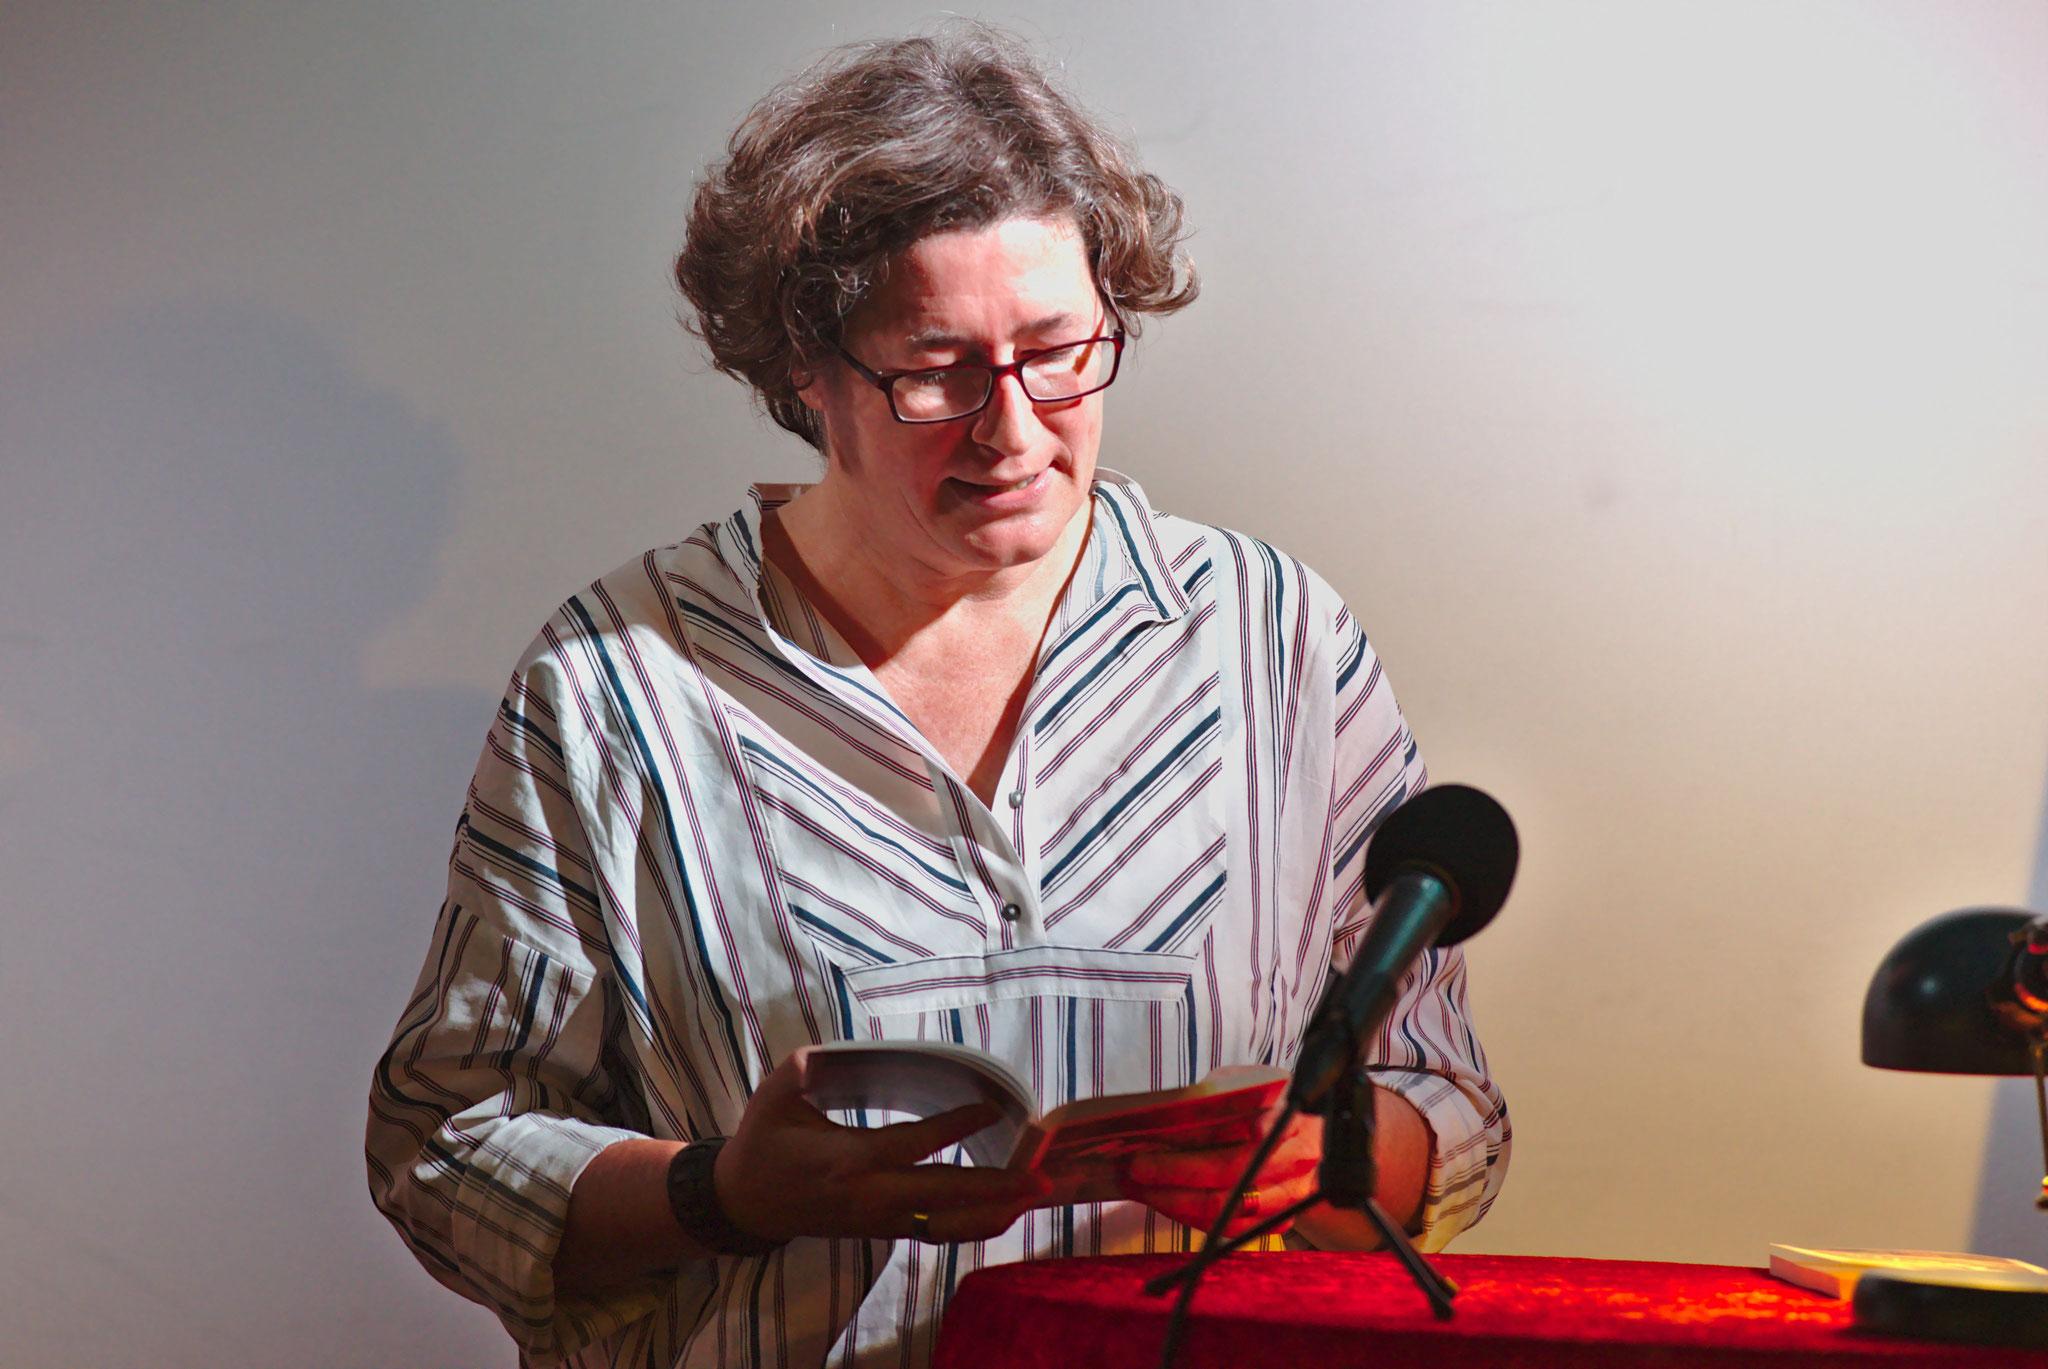 Gründungs- und Vorstandsmitglied Gisela Weinhändler